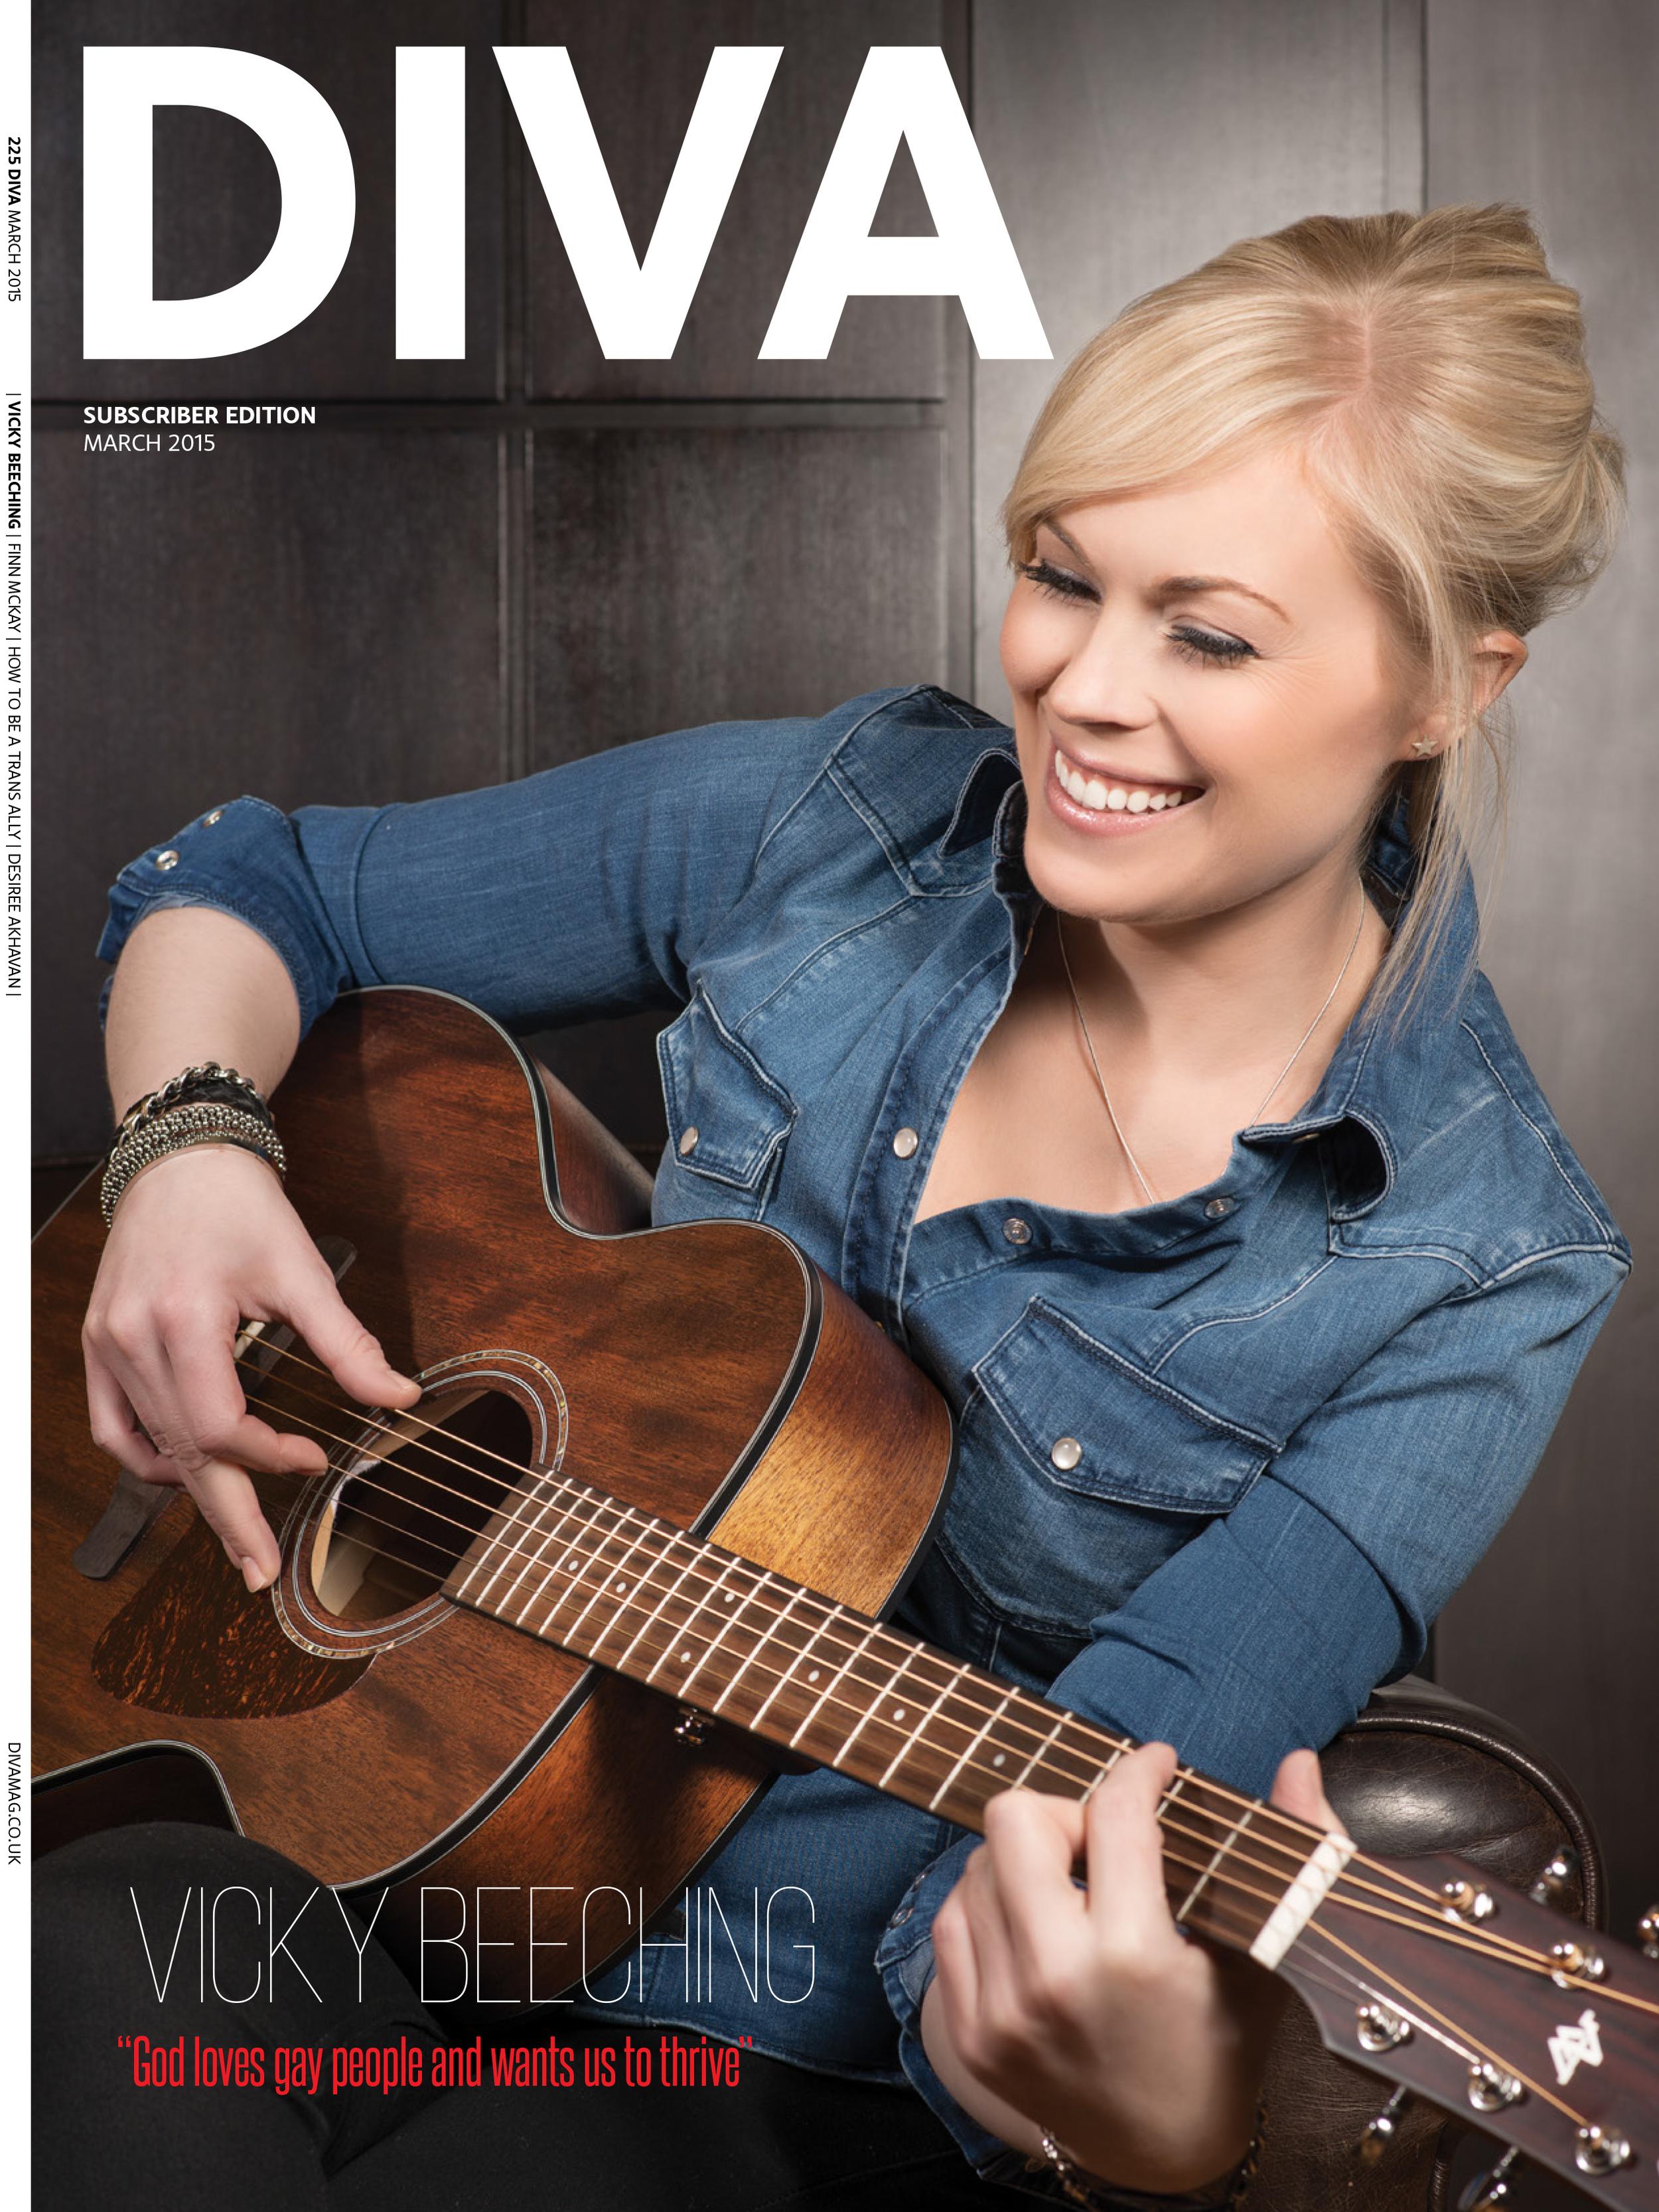 Vicky Beeching Diva Magazine by Sven Bannuscher